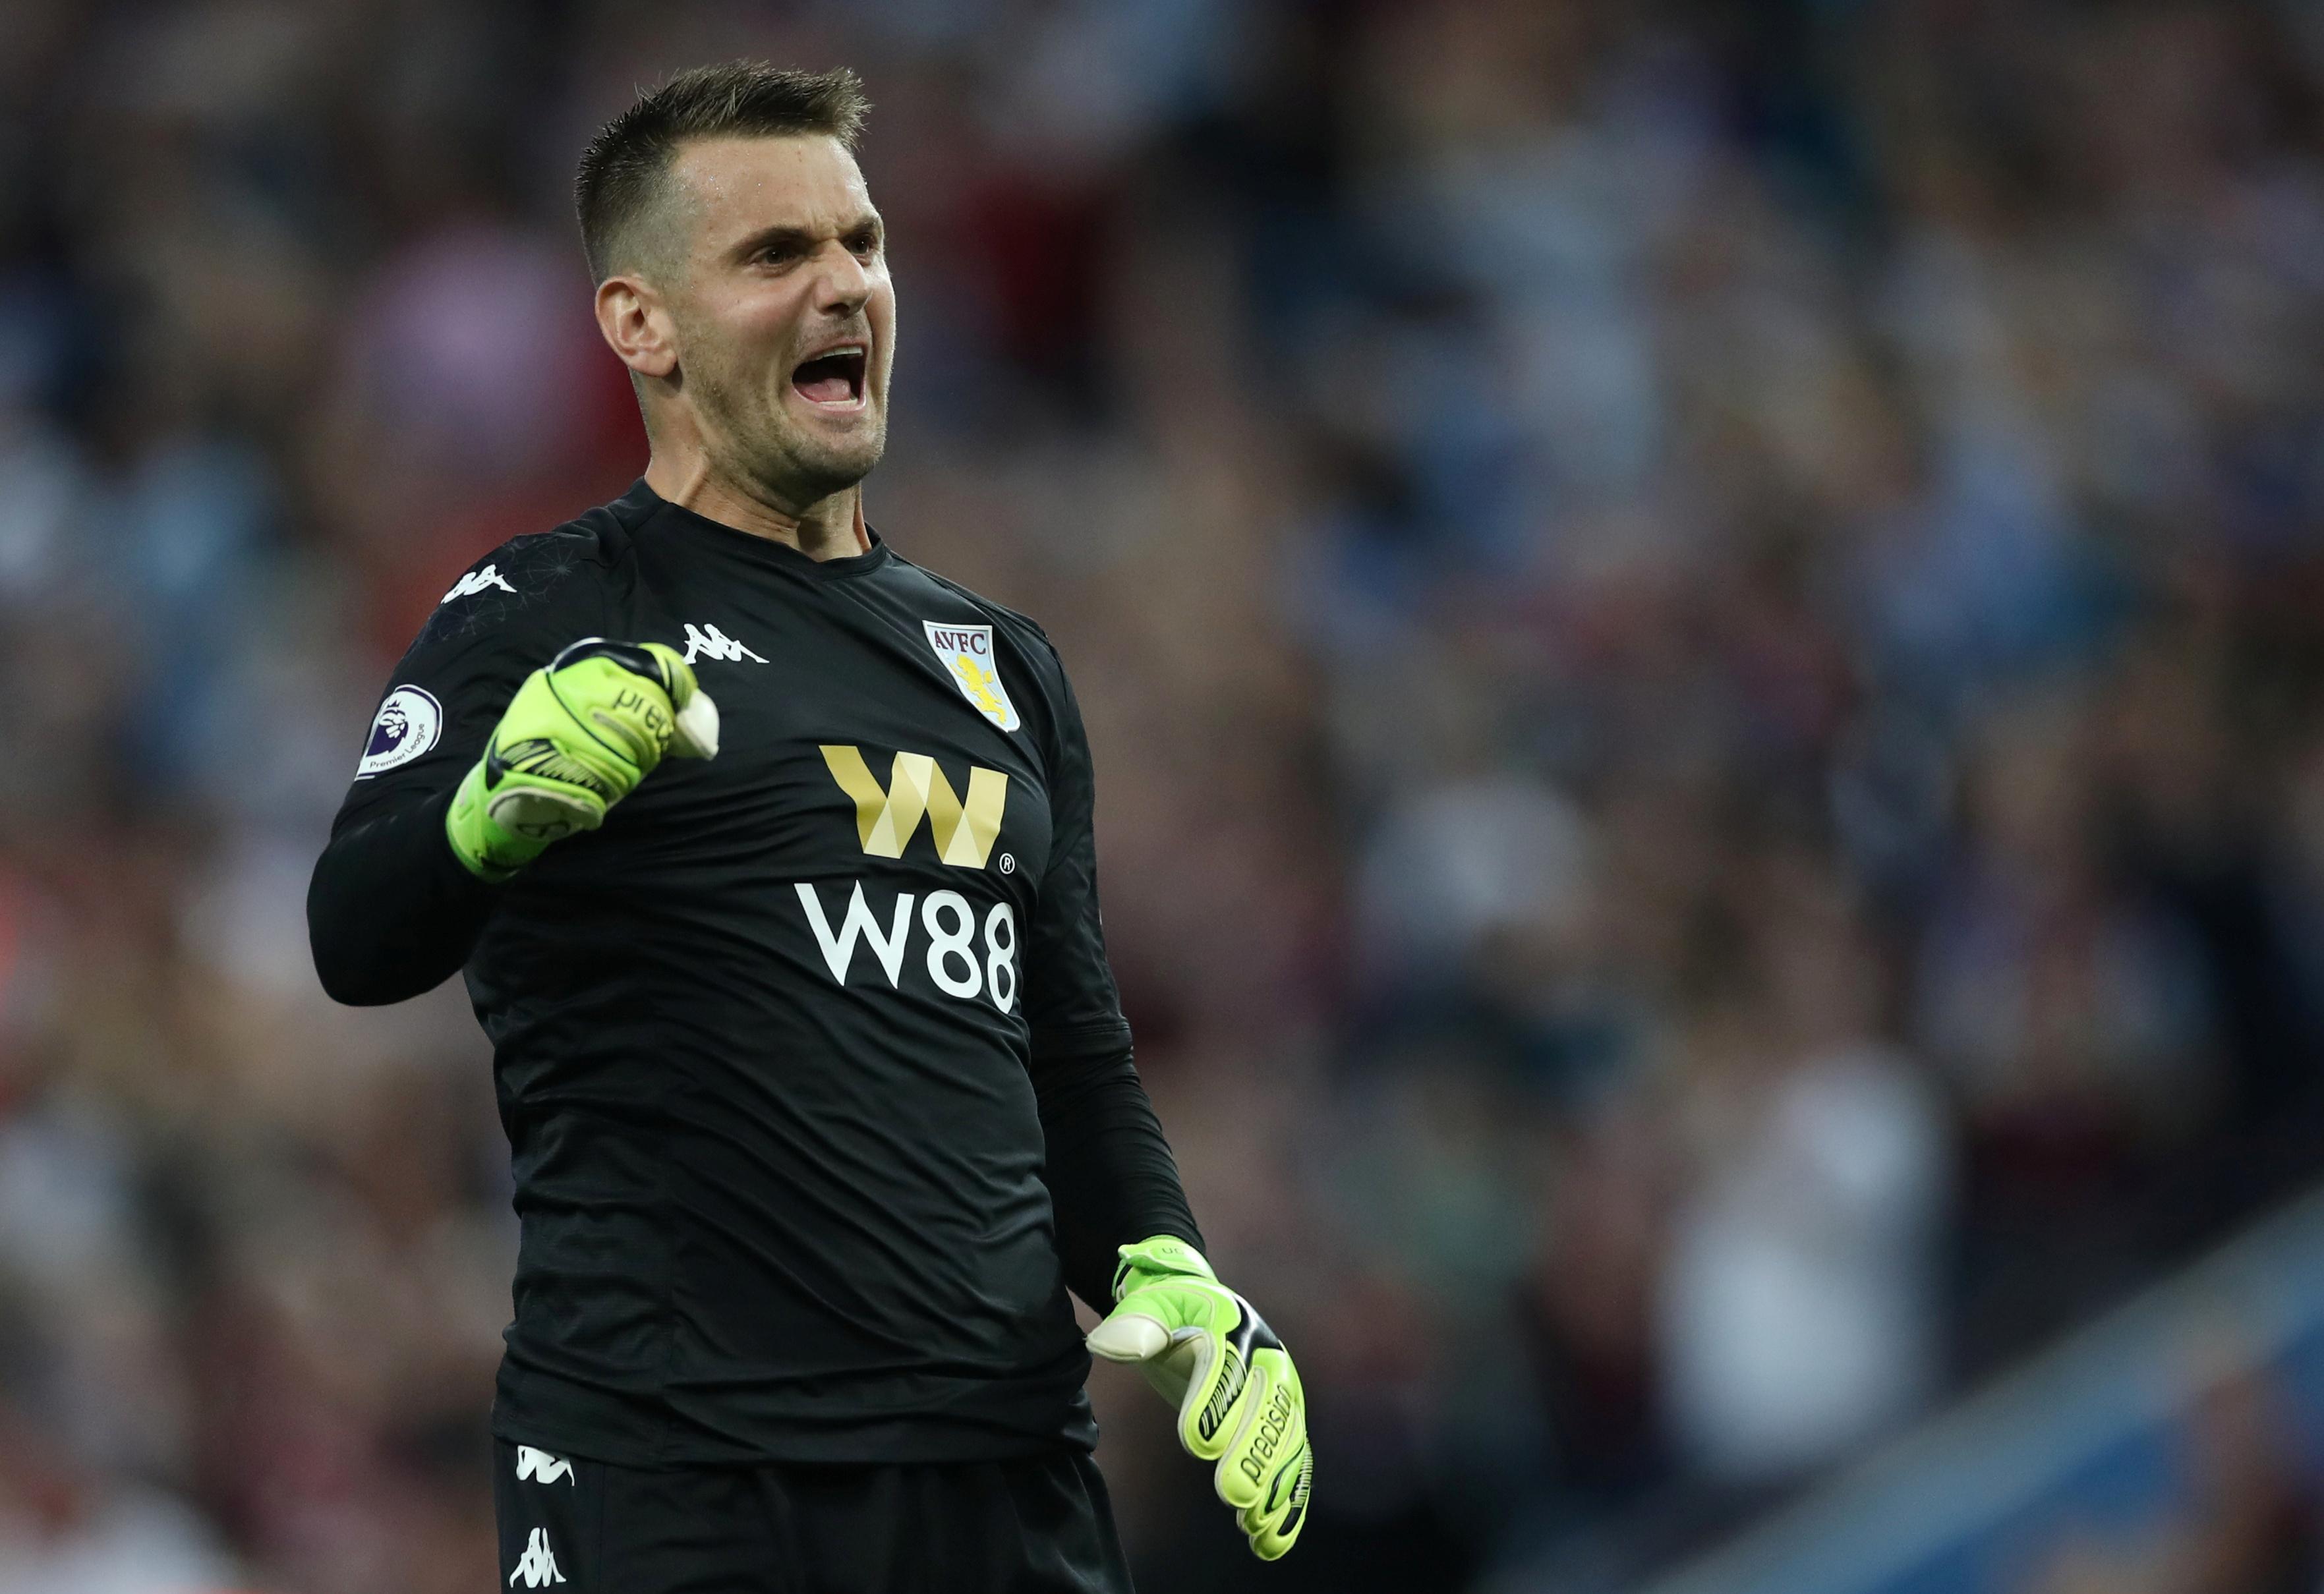 Aston Villa FC Goalkeepers 2019/20